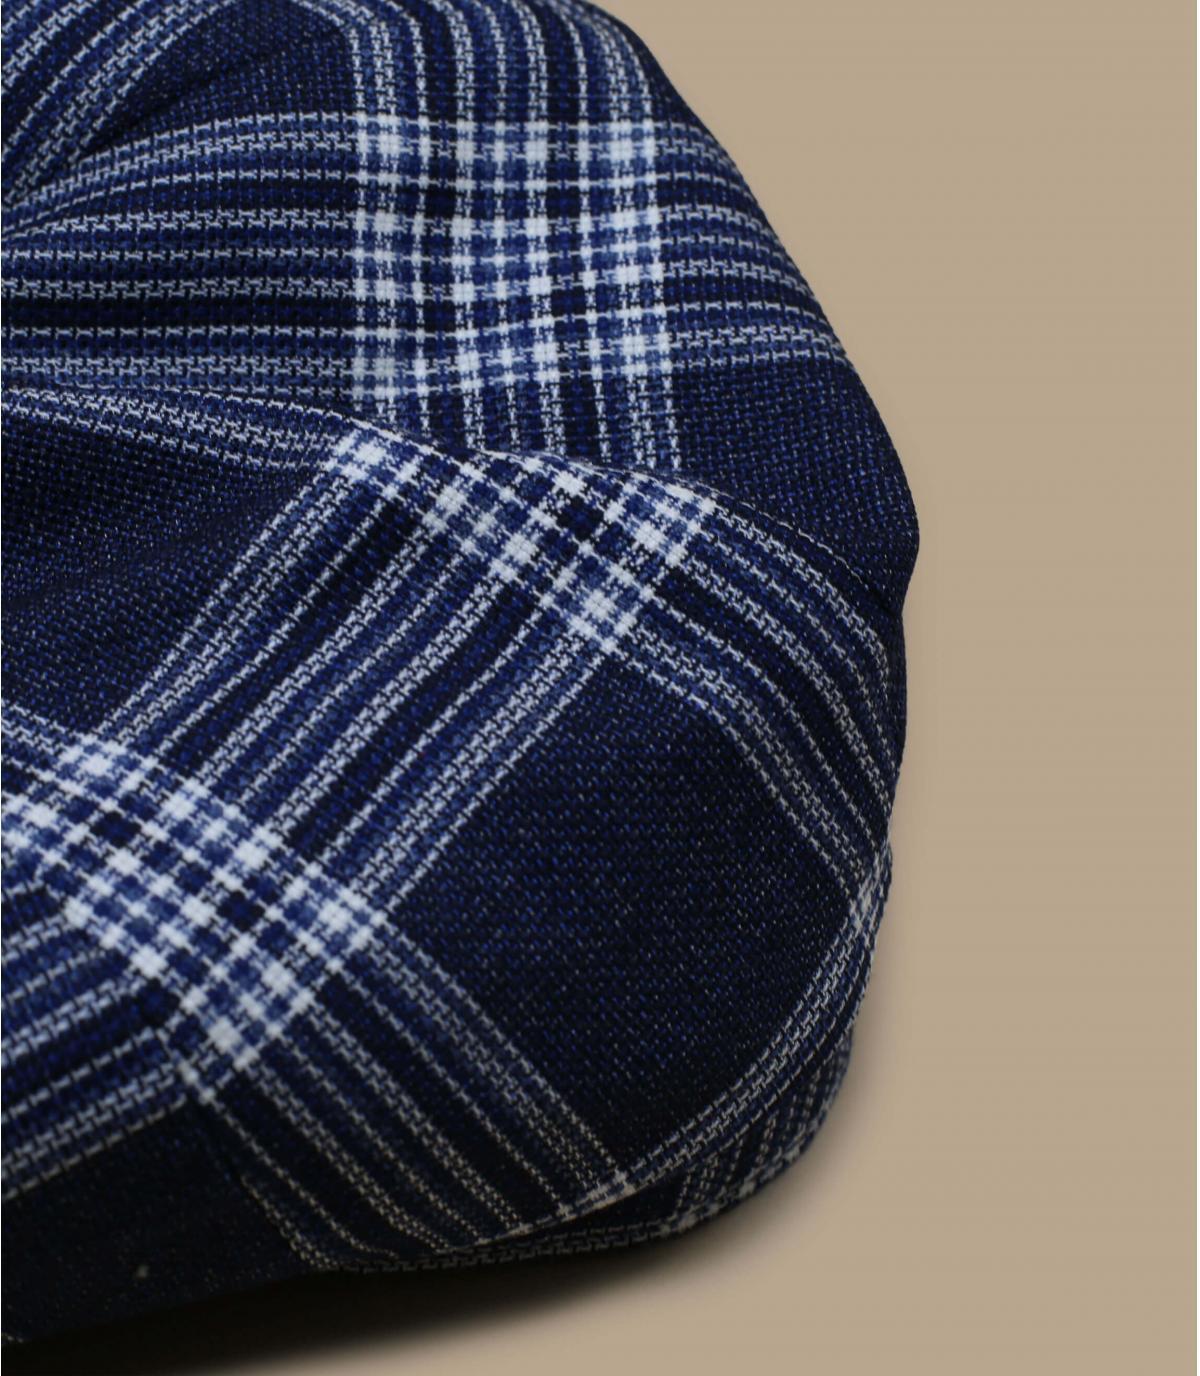 Details Hatteras Virgin Wool blue - Abbildung 2